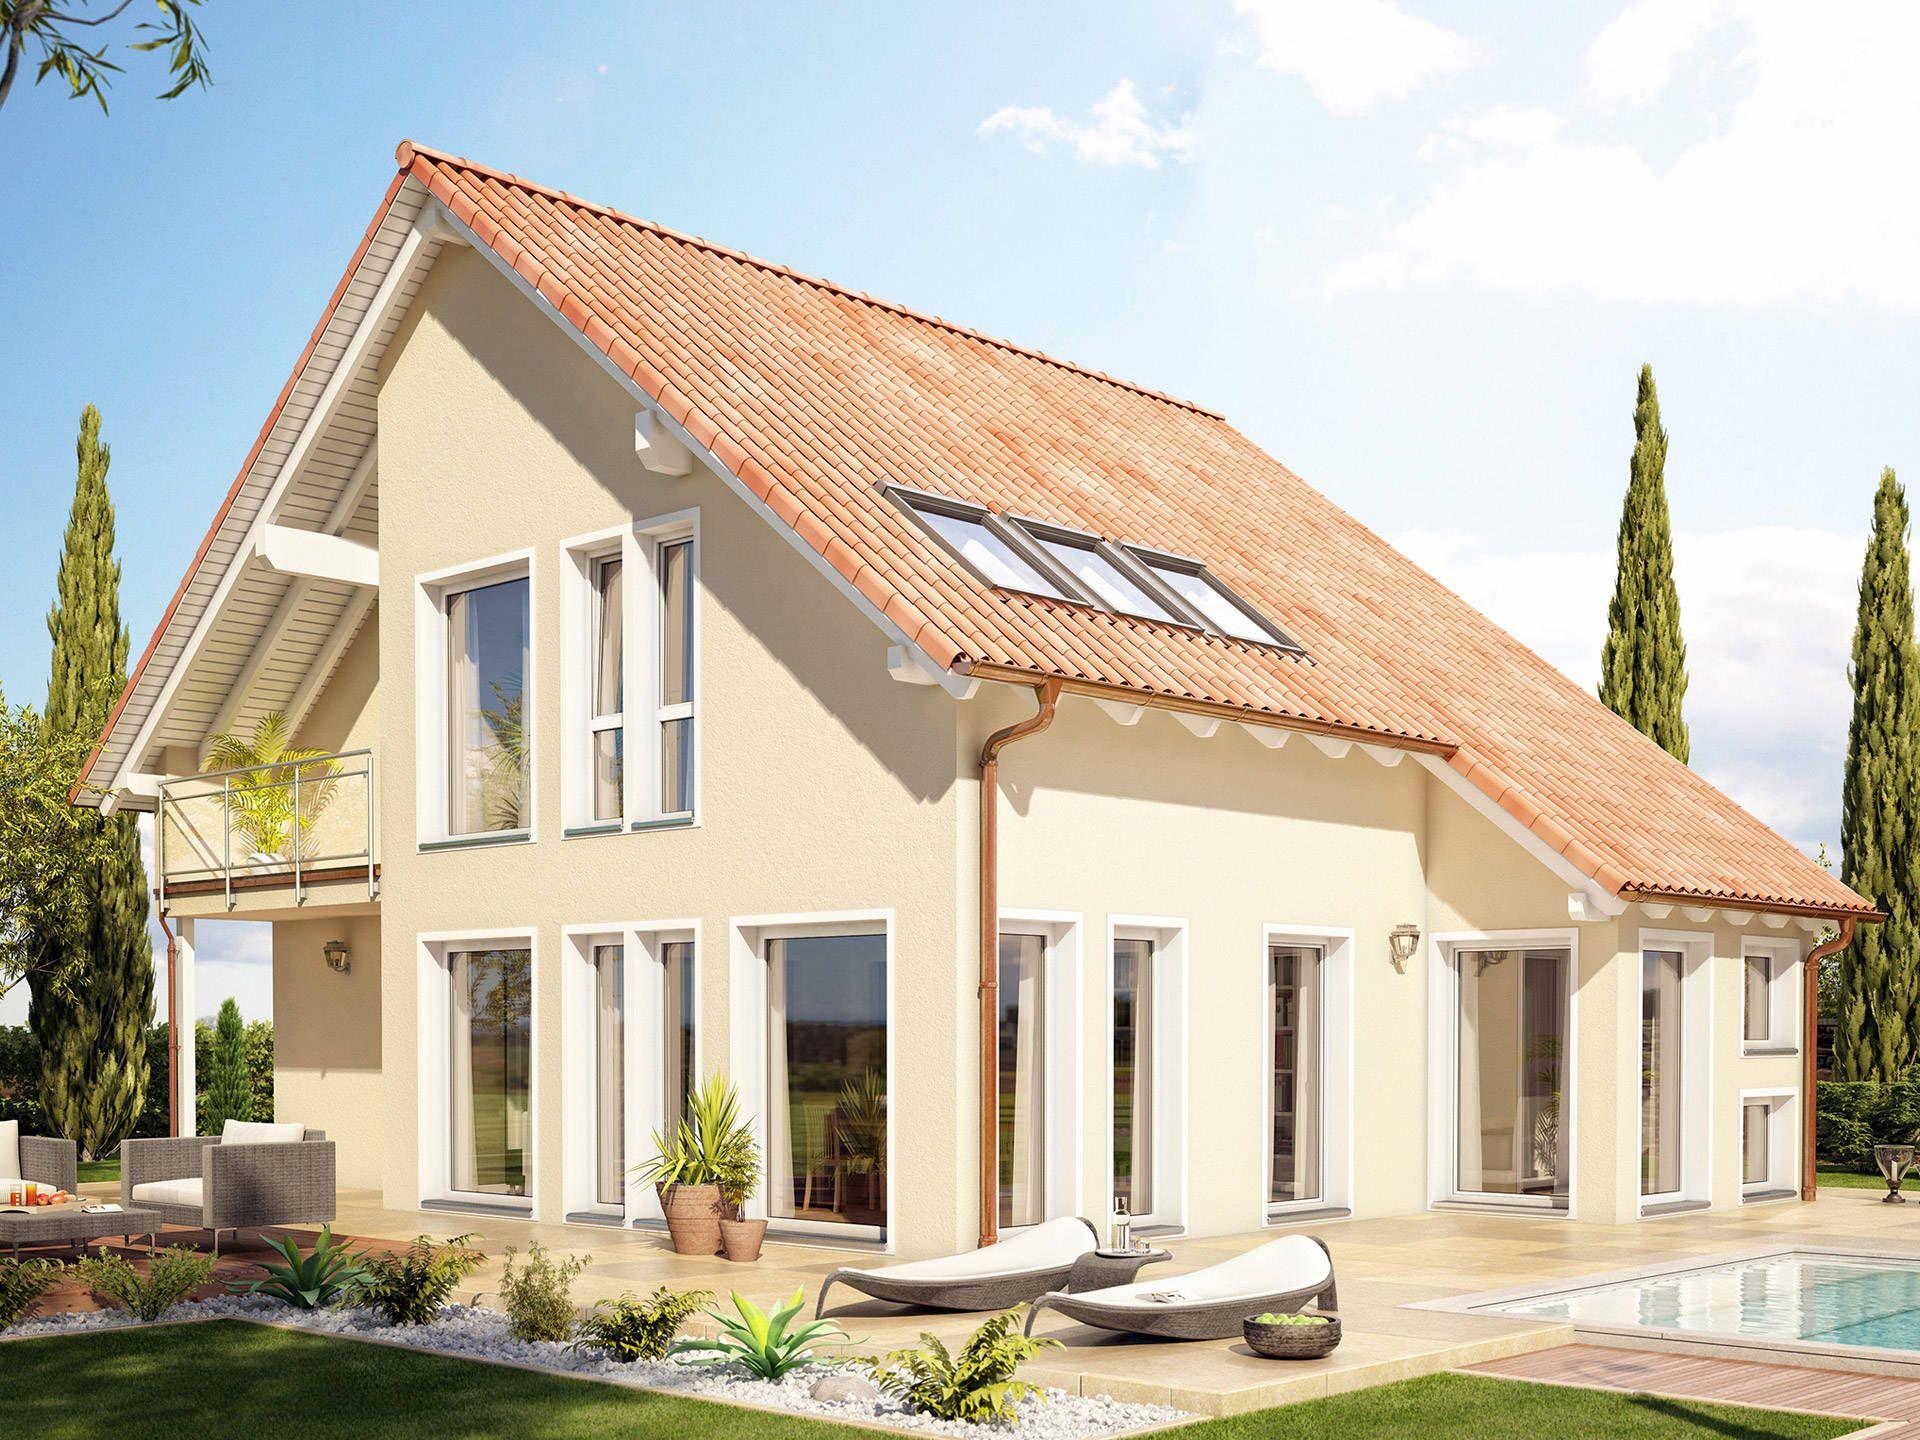 Celebration 137 v6 einfamilienhaus mediterranes haus for Modernes haus raumaufteilung